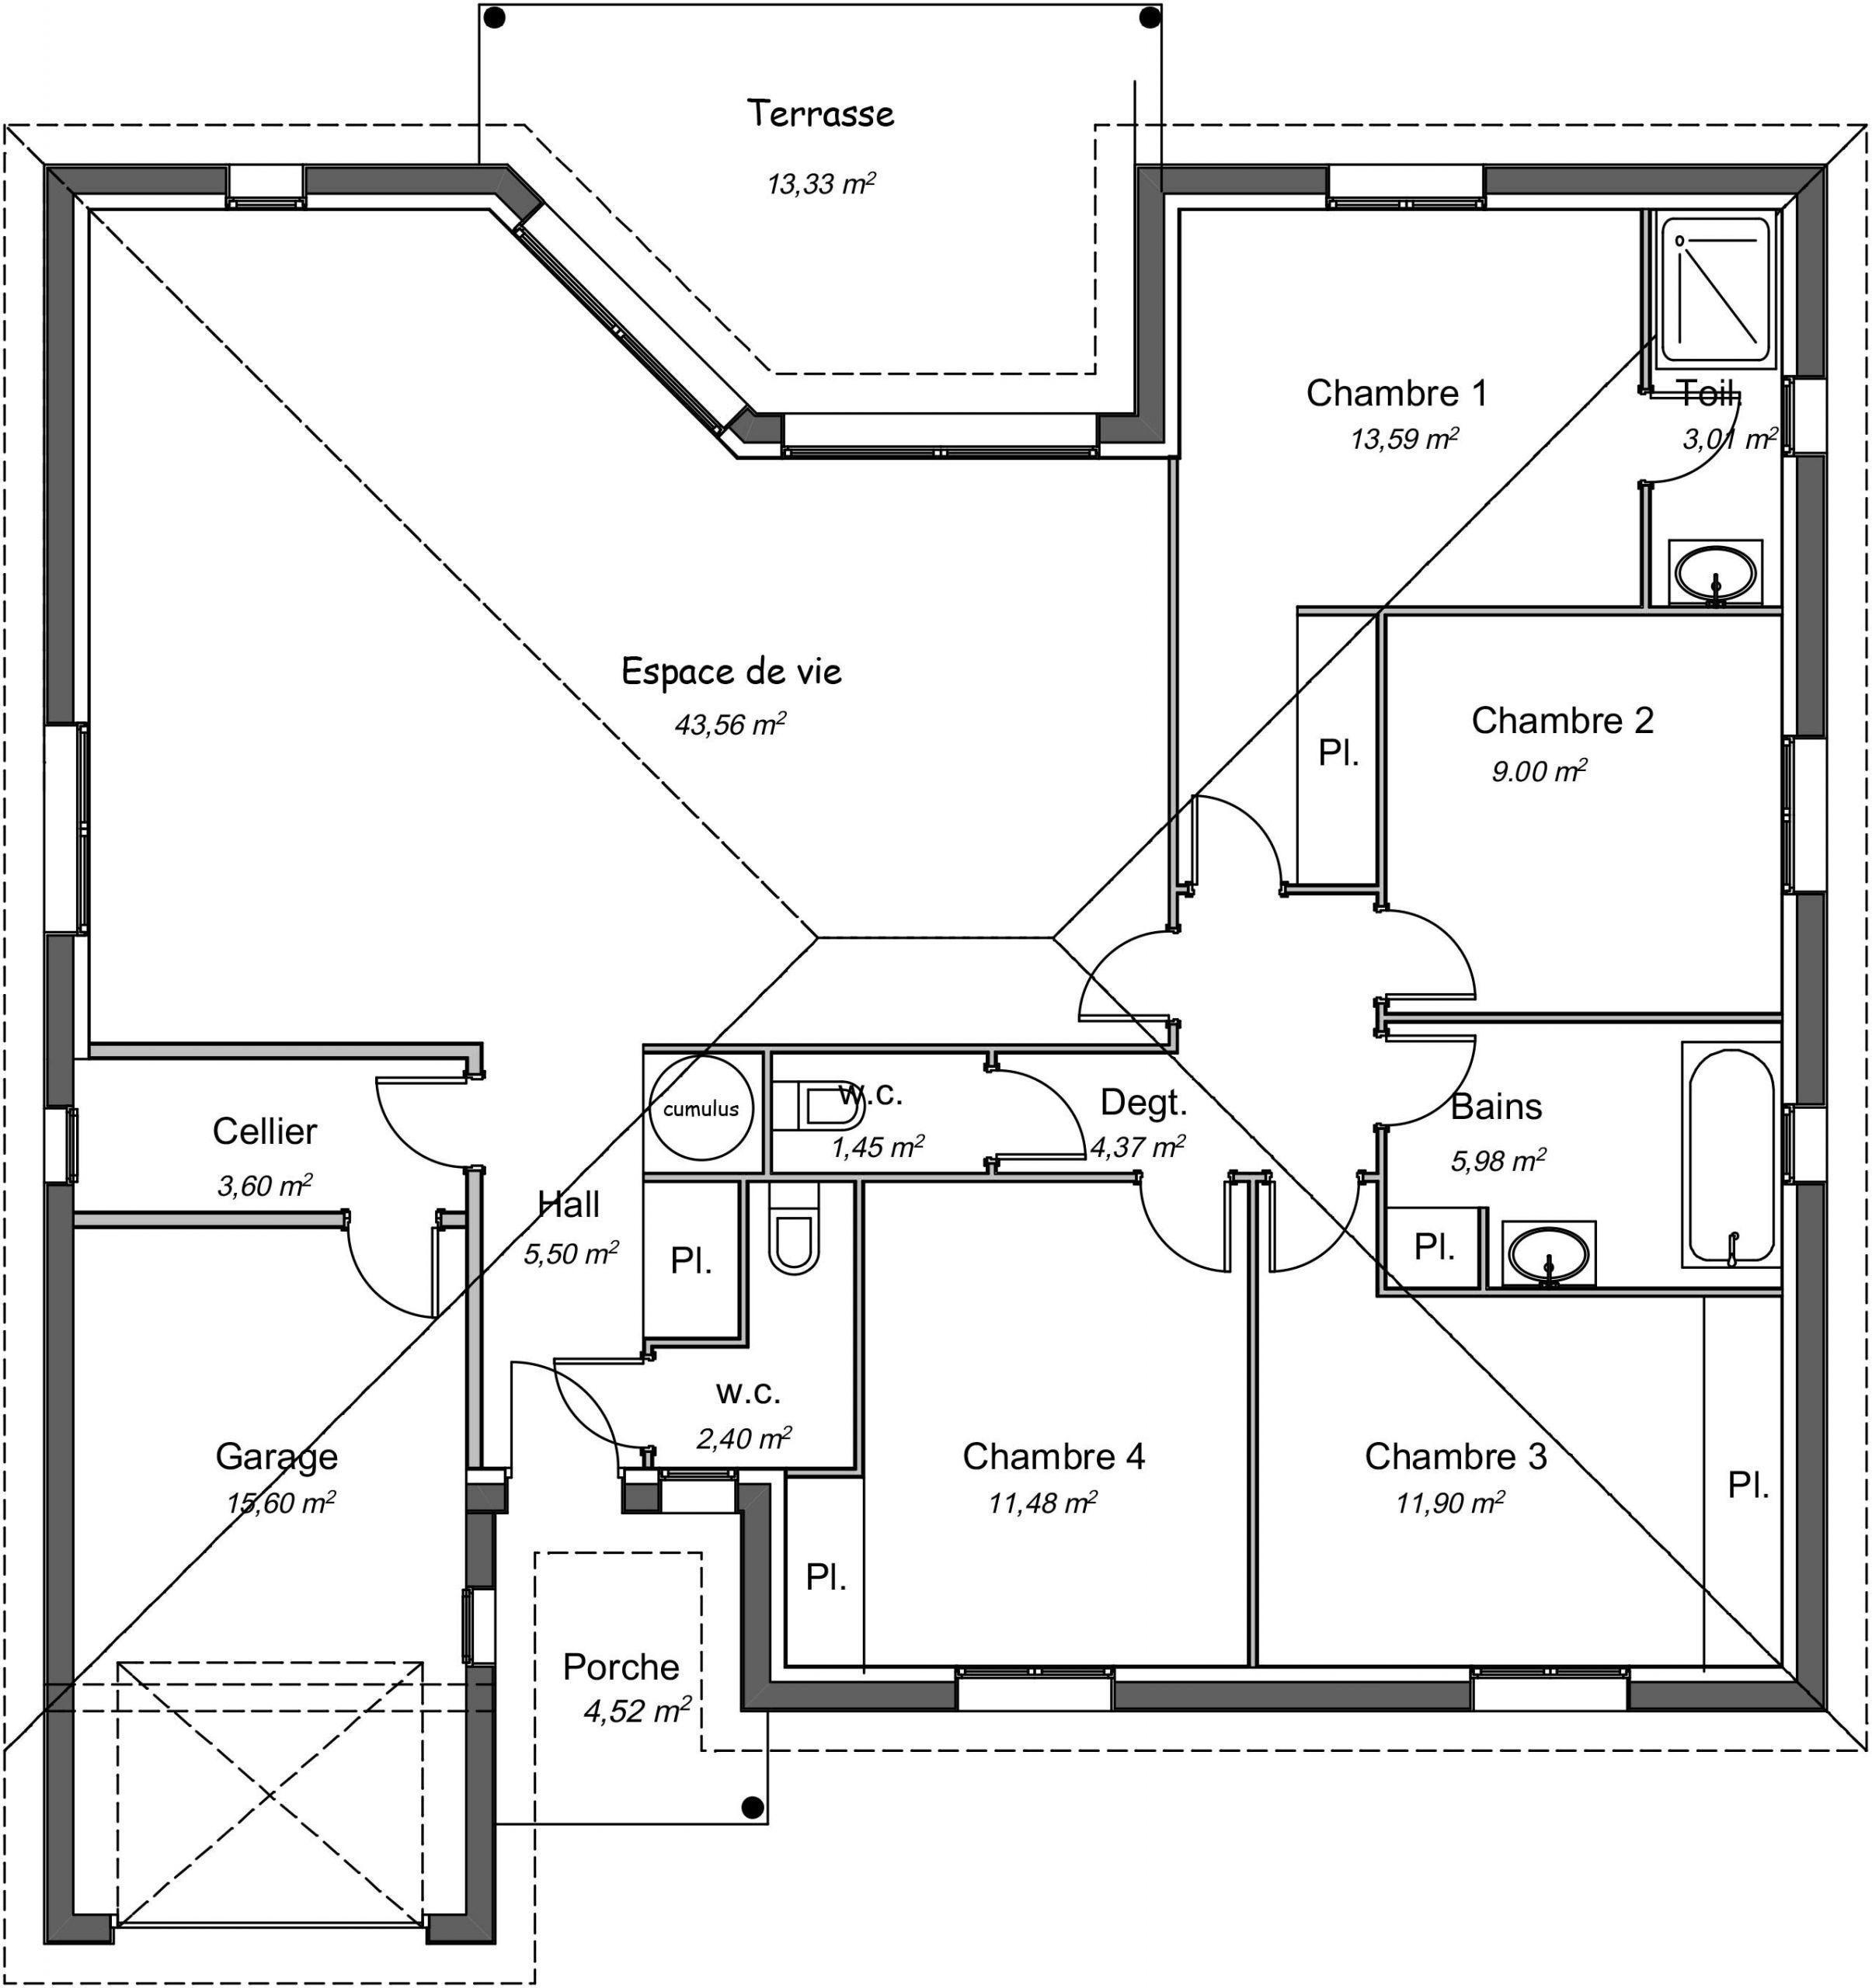 Maison Contemporaine Plain Pied Orme Avec Plans Demeures D Aquitaine Constructeur Maison Individuelle Nouvelle Aquitaine